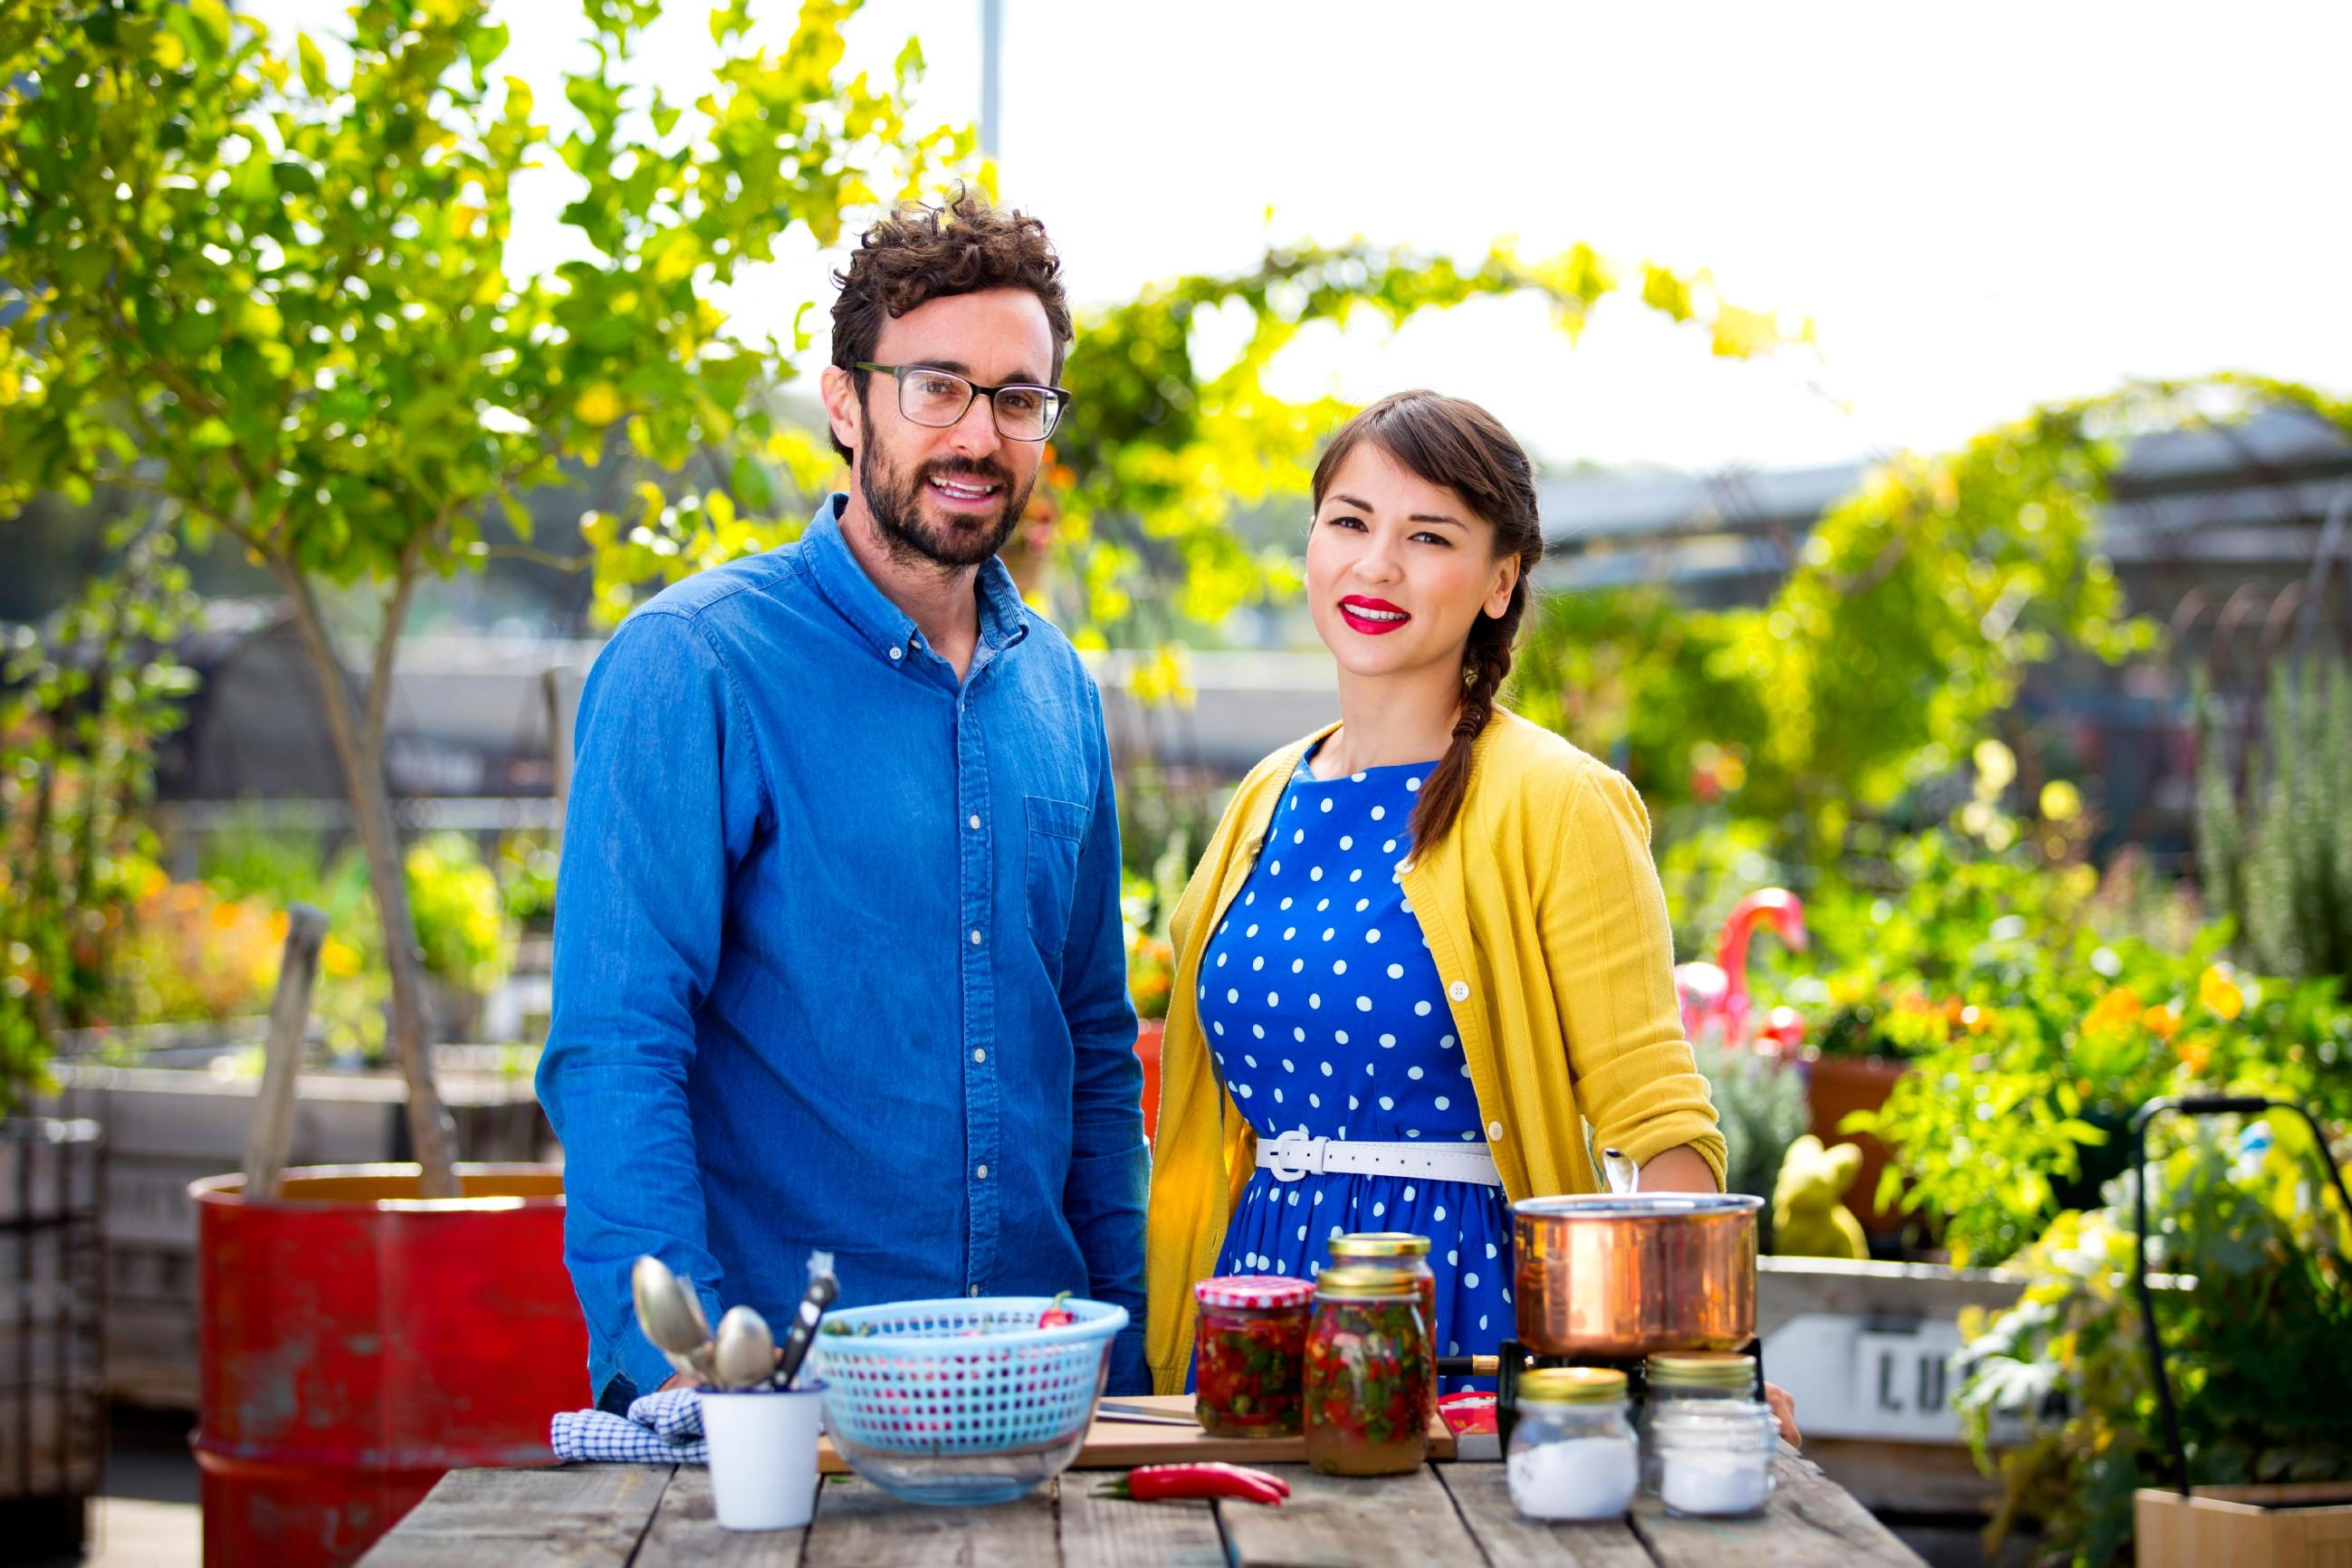 Erfreut Khoo Küche Fotos - Ideen Für Die Küche Dekoration - lazonga.info